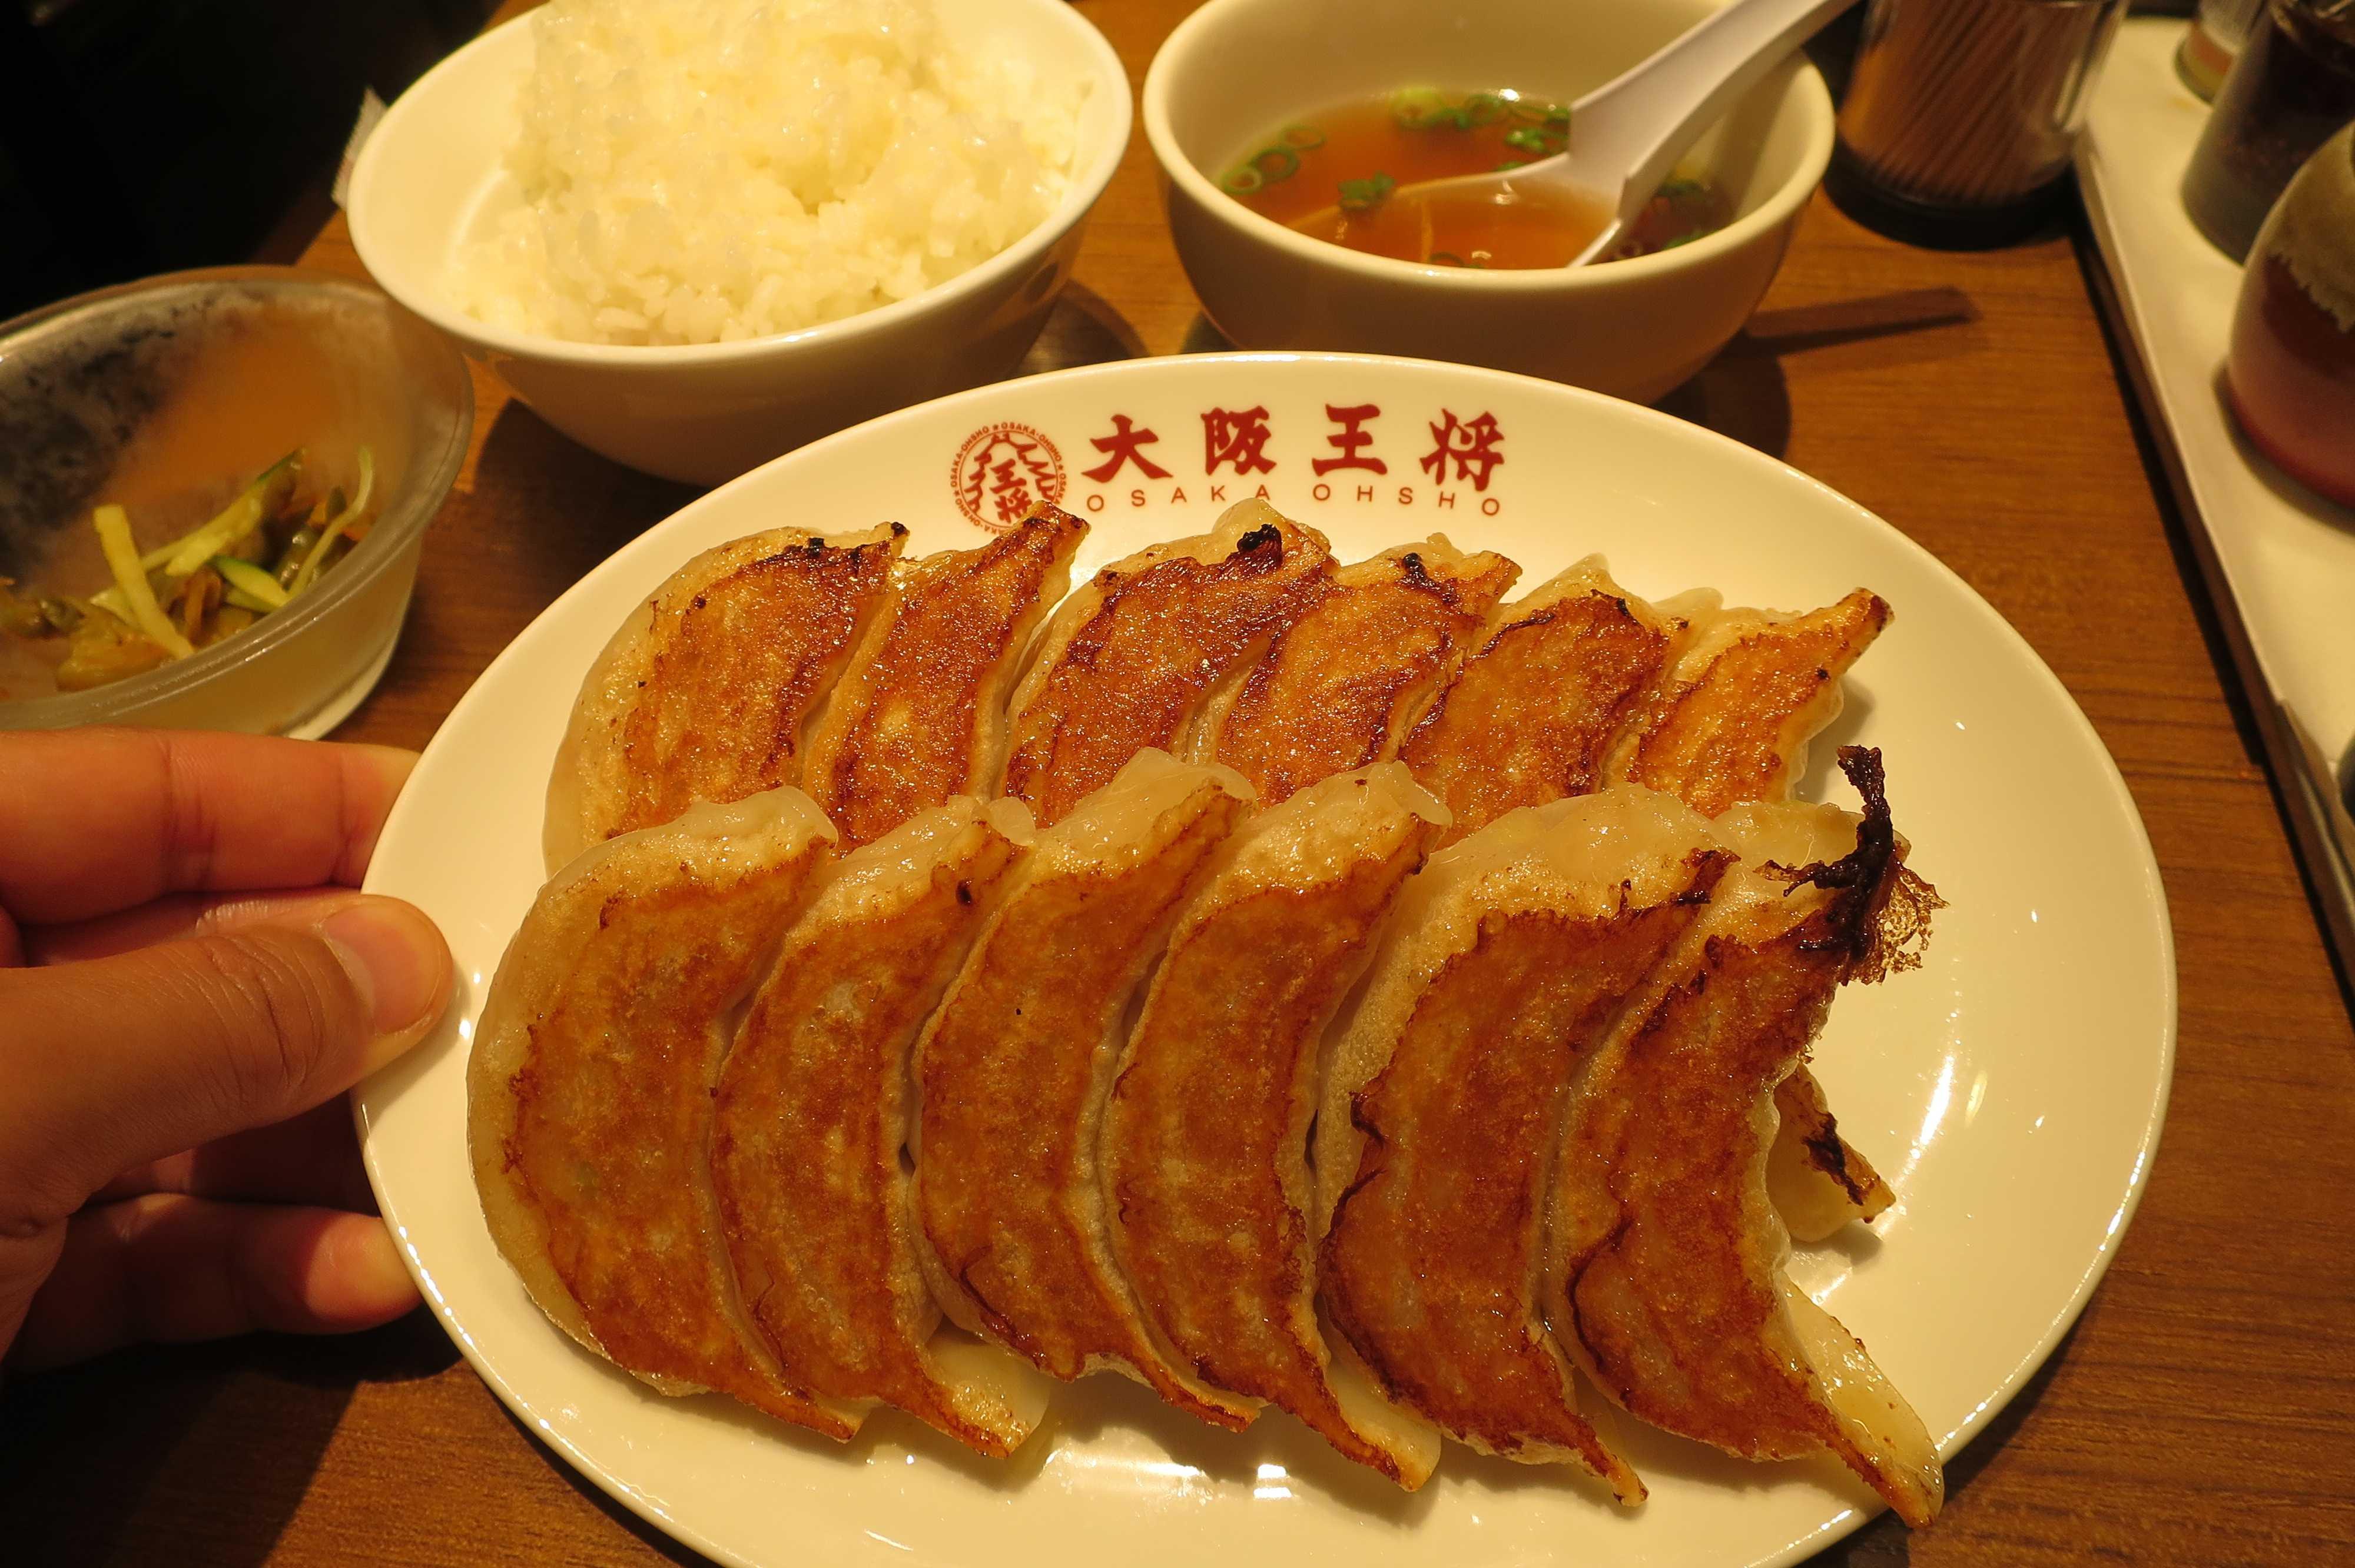 大阪王将の焼餃子(12個)